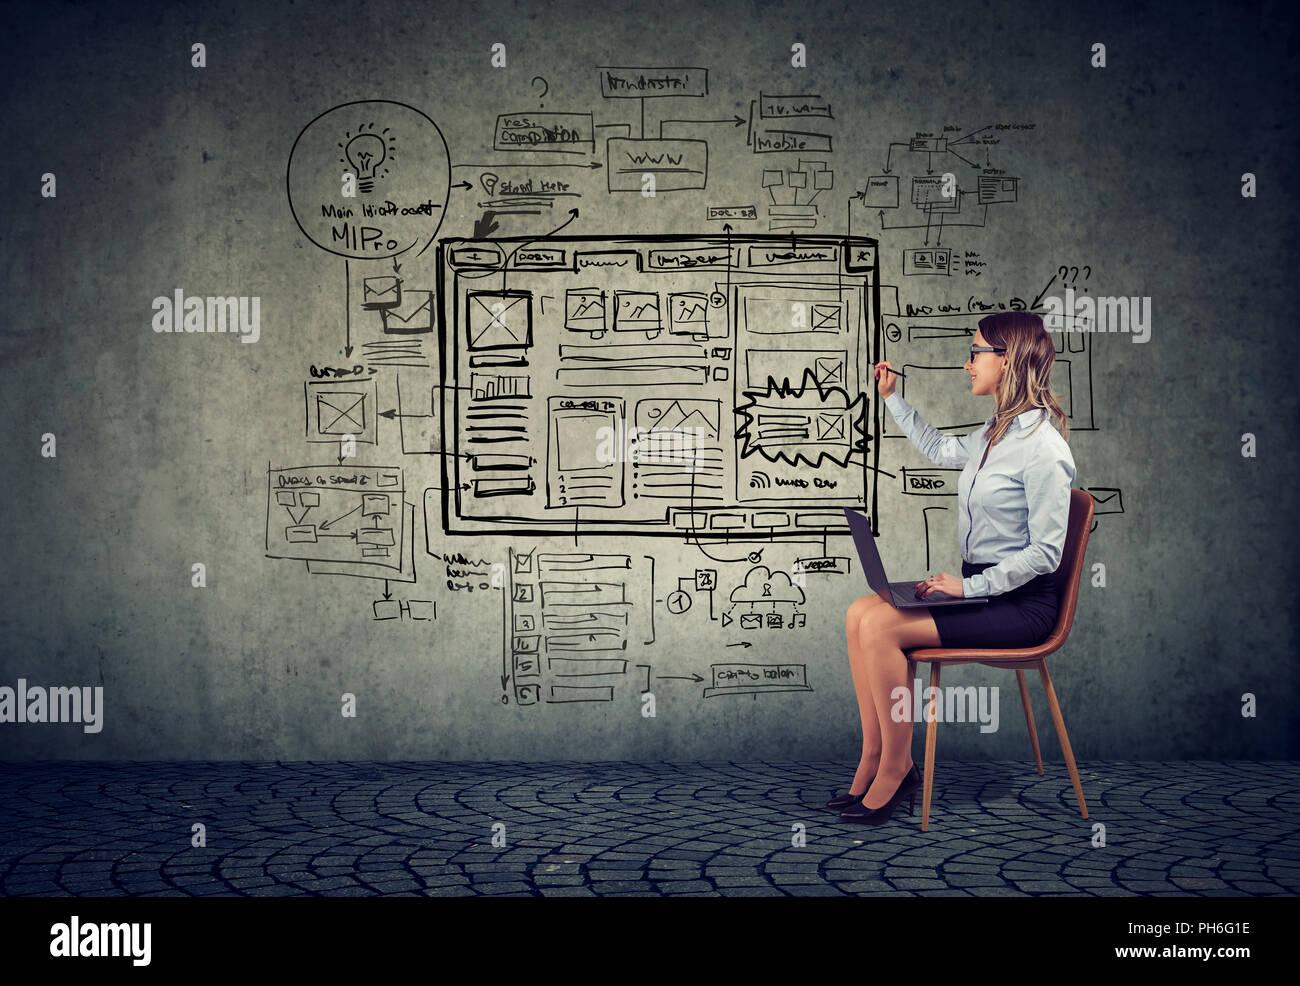 Business donna utilizzando laptop nuovo disegno internet di avvio progetto di sito web su una parete Immagini Stock